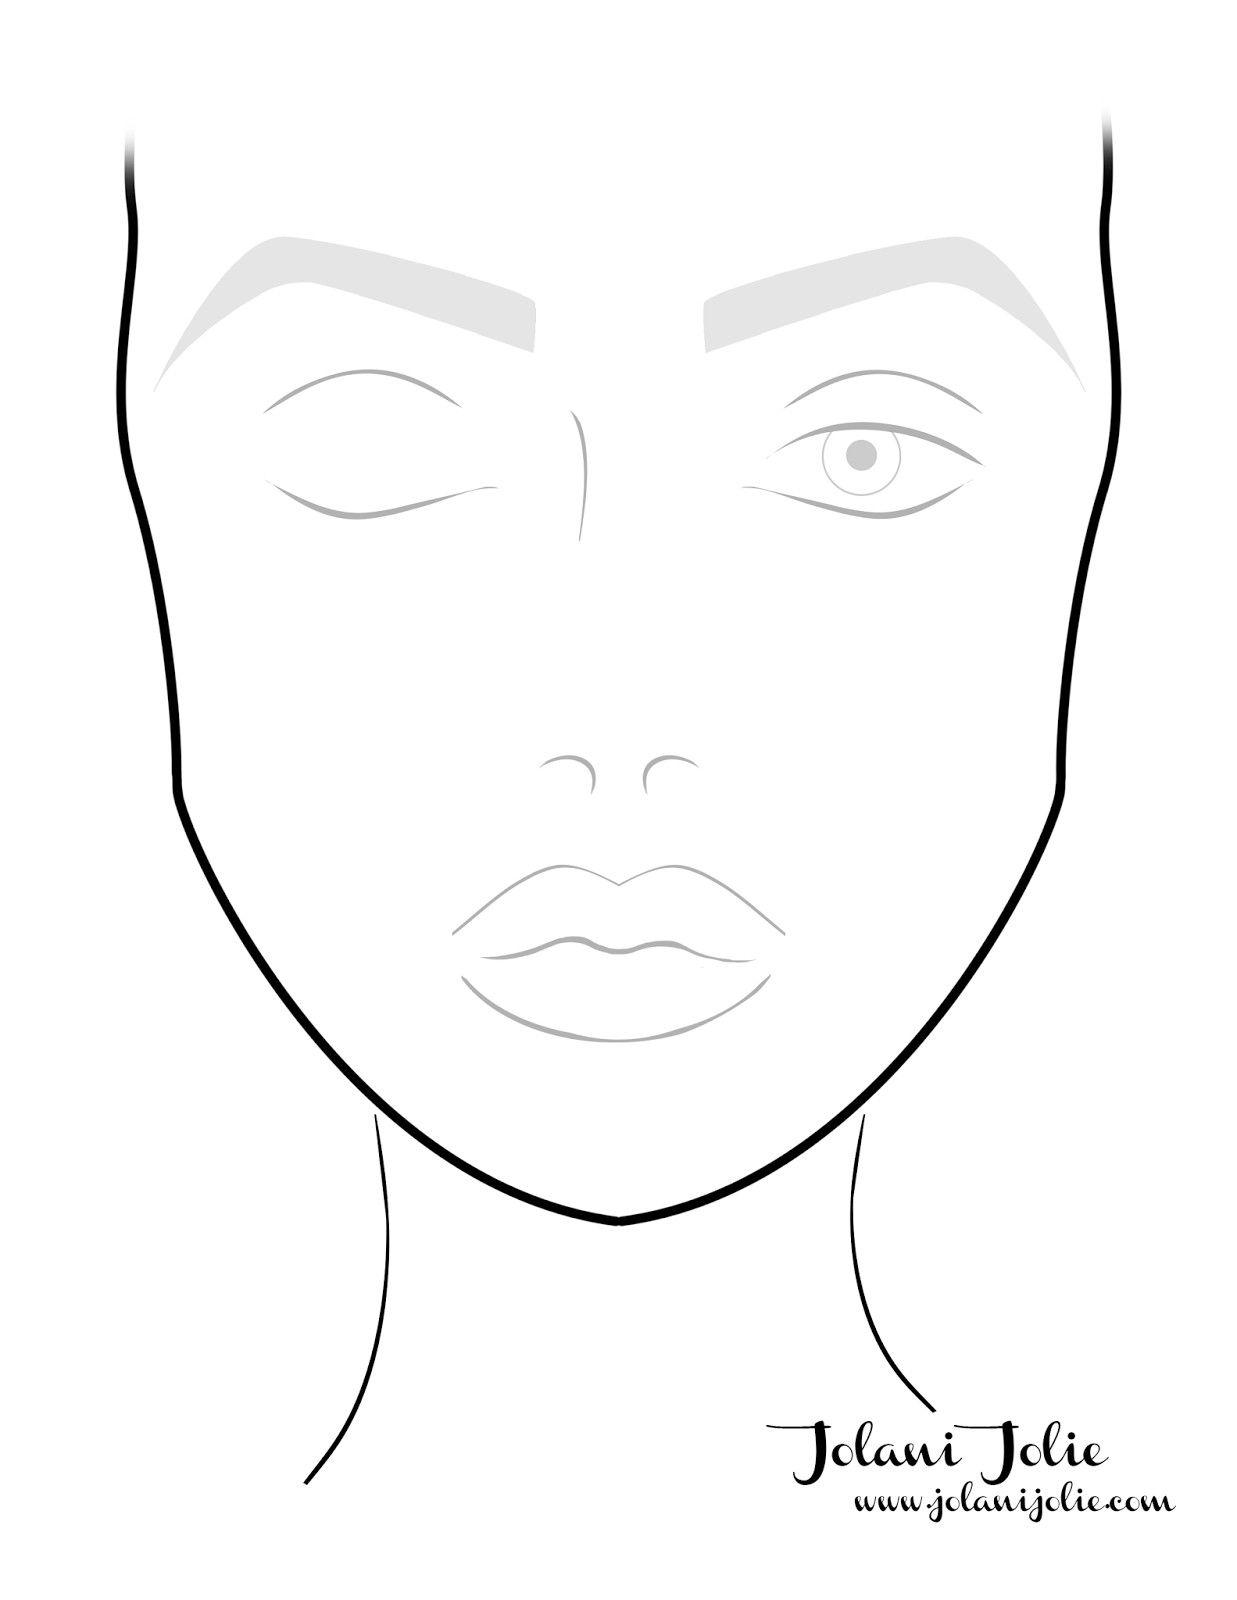 раскраска лицо человека для макияжа бой пистолетной дистанции